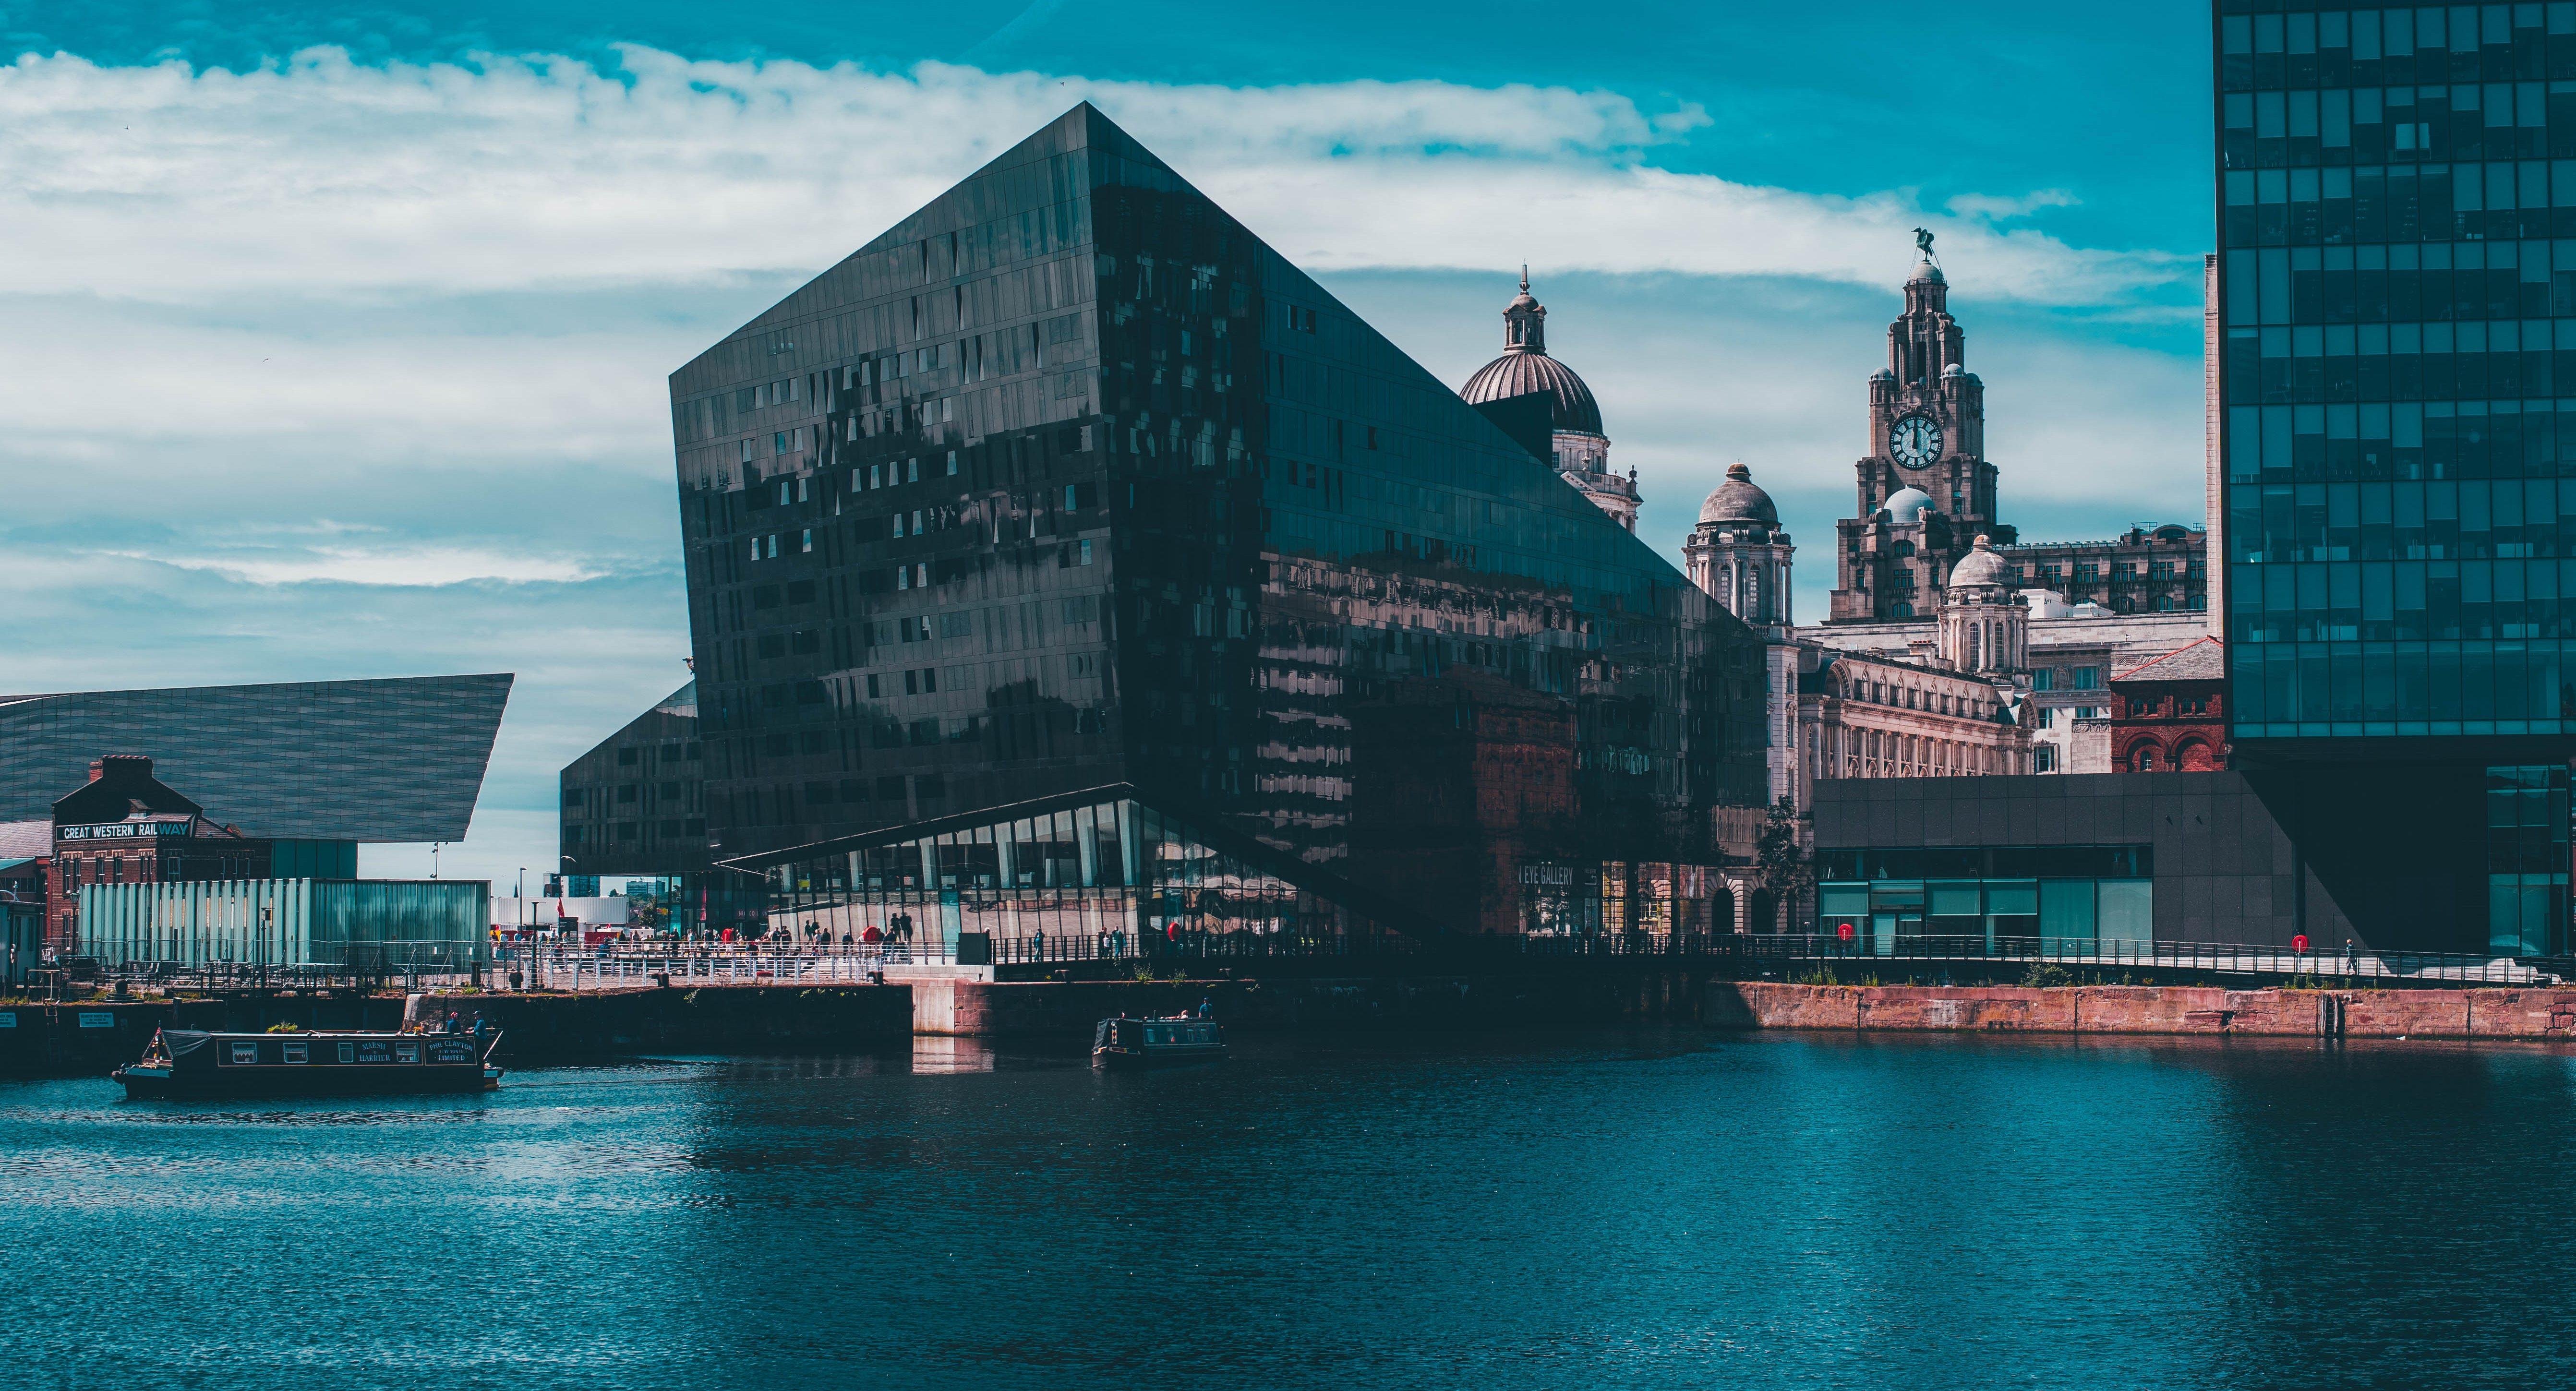 International FinTech Forum, Liverpool